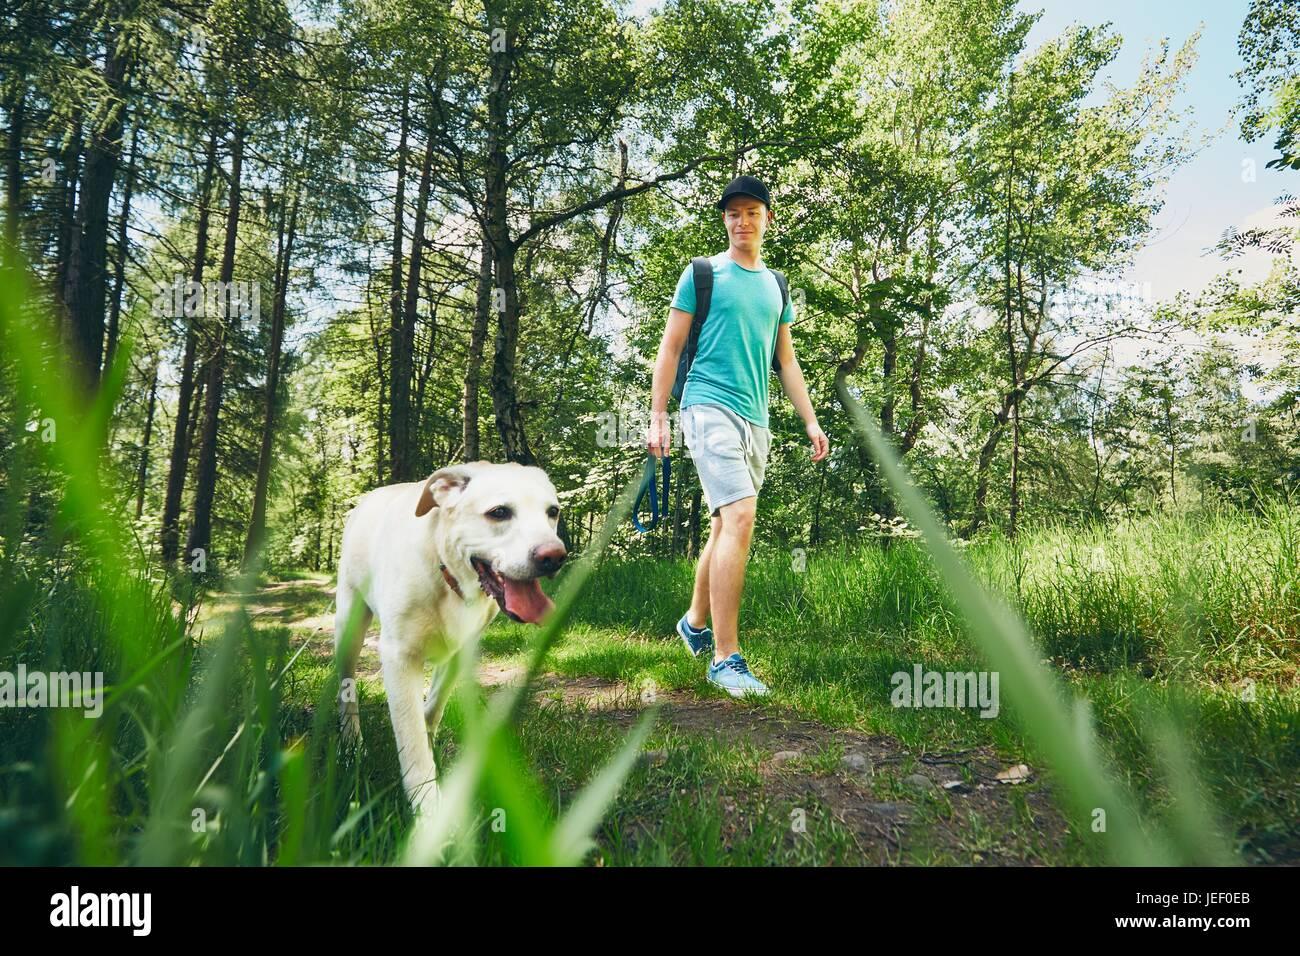 Giovane uomo che cammina con il suo cane (labrador retriever) nella foresta. Orario estivo e vacanze in tema. Immagini Stock